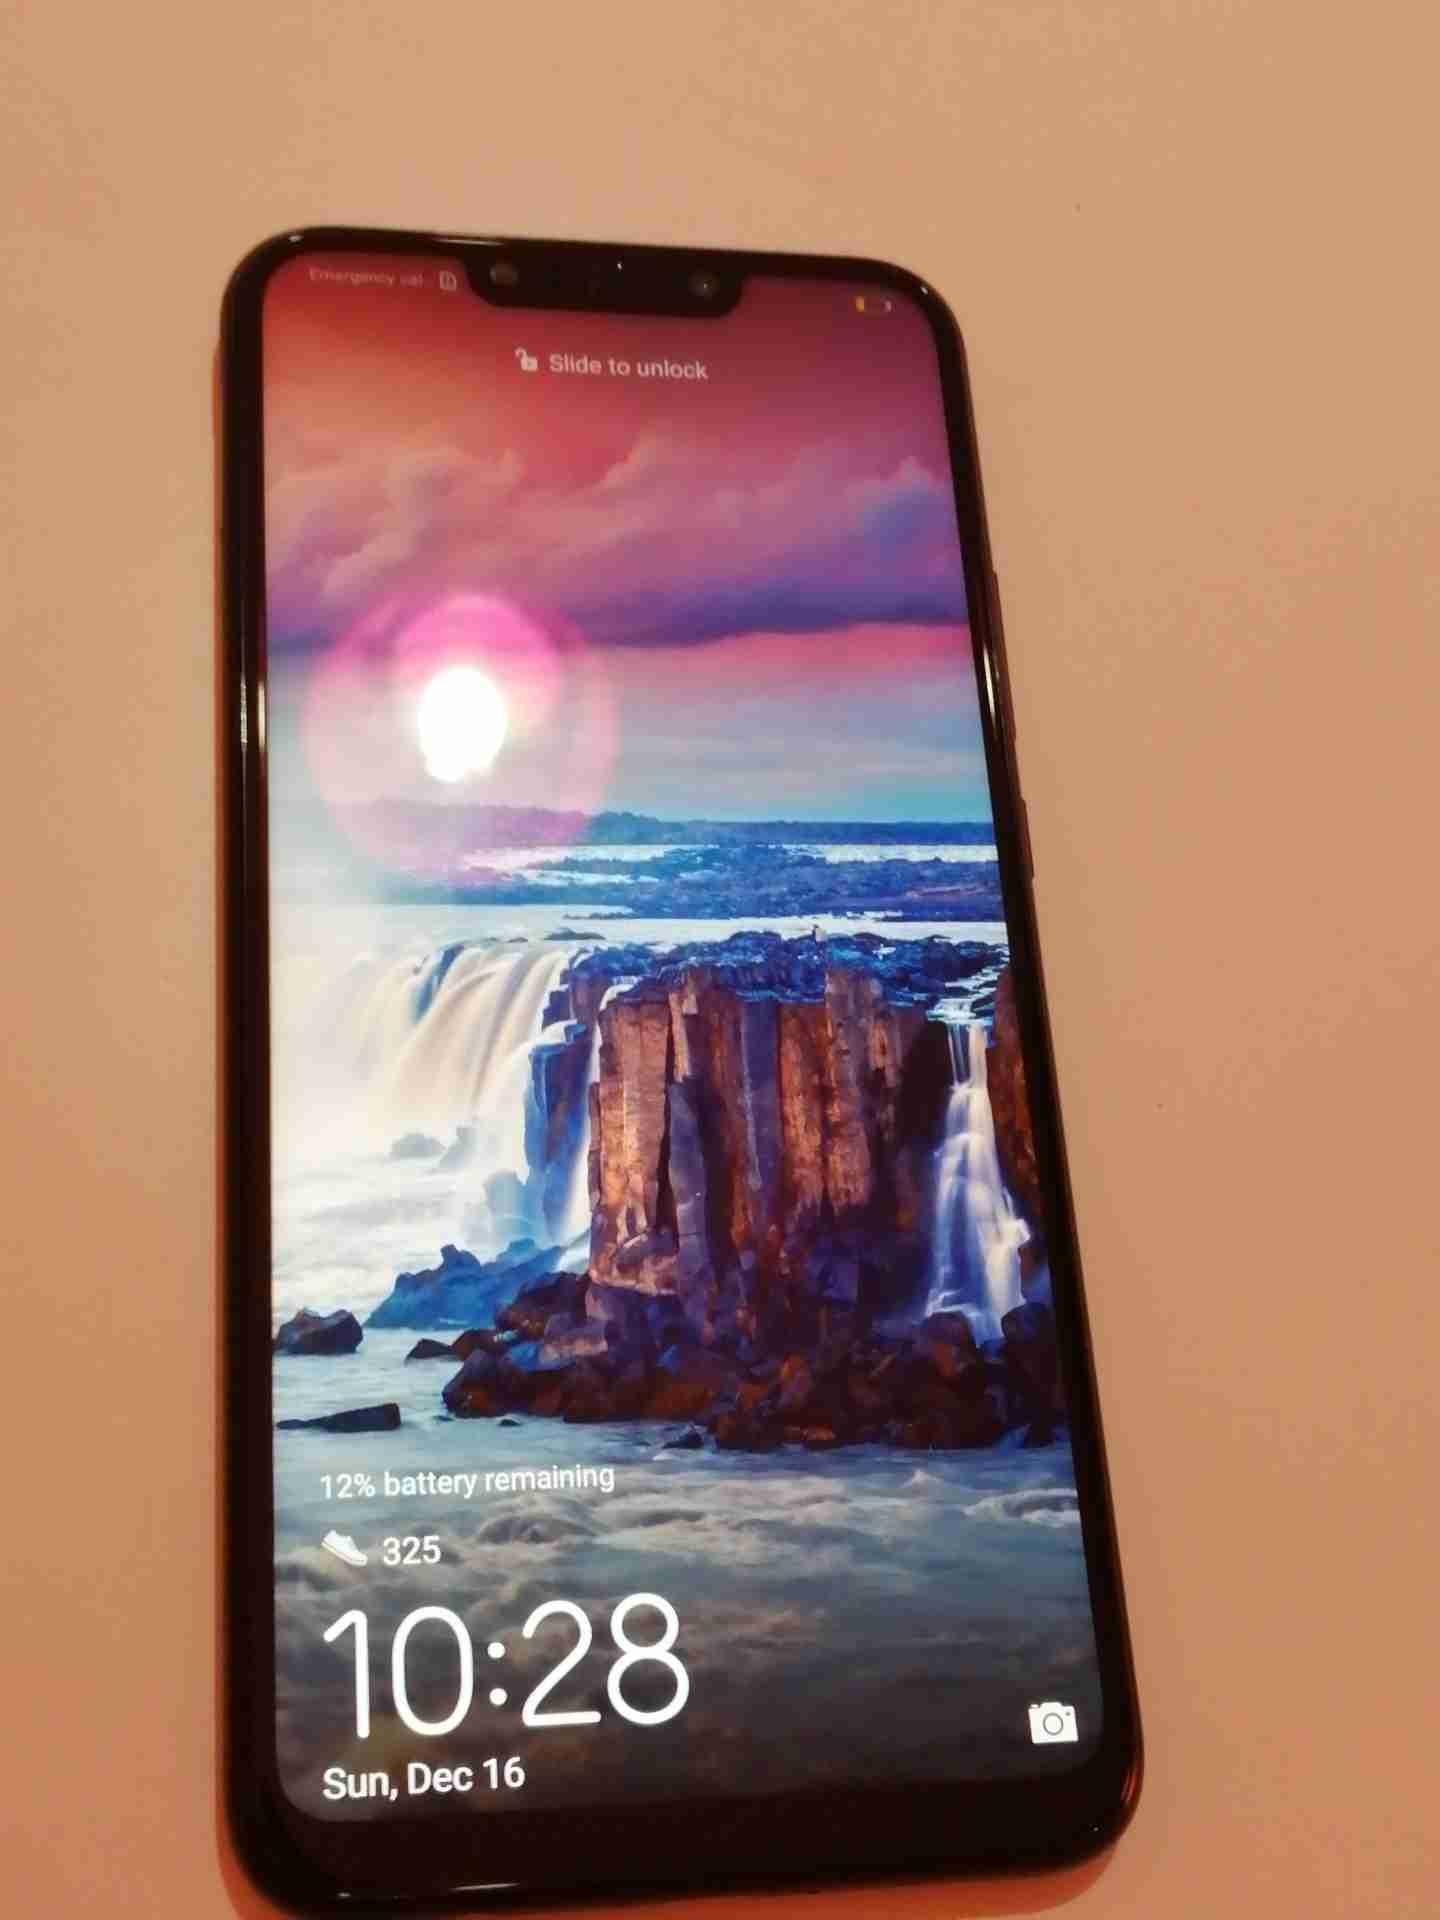 iPhone 11 64GB - $ 650 USDiPhone 11 128GB - $ 710 USDiPhone 11 256GB - $ 770 USDiPhone 11 Pro 64GB - $ 720 USDiPhone 11 Pro 256GB - $ 750 USDiPhone 11 Pro 512GB-  nova 3i للبيع استعمال اقل...